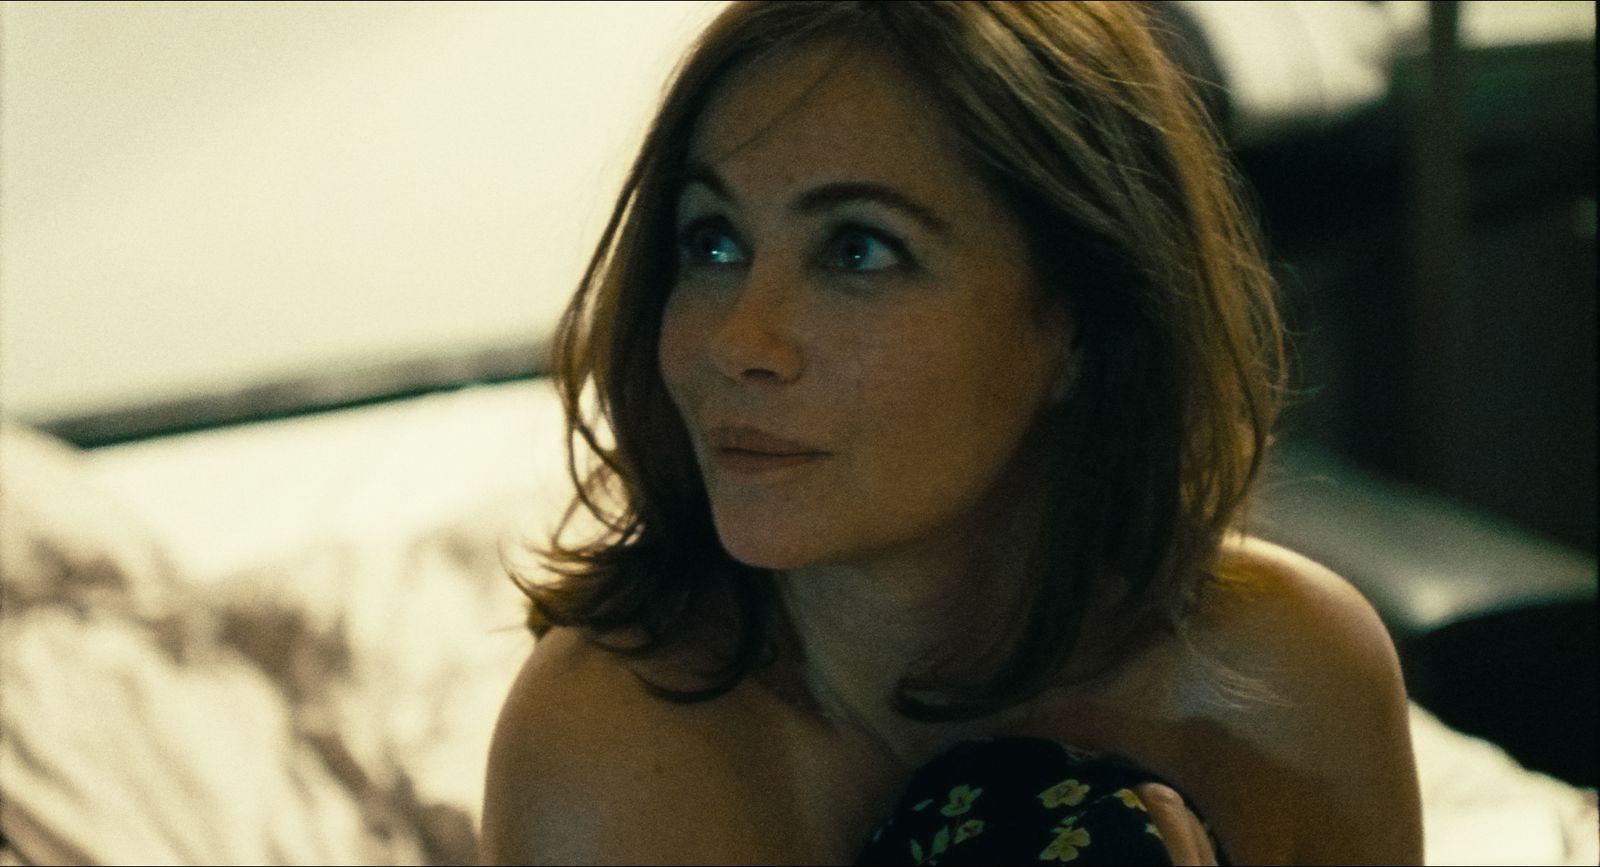 L'Etreinte (BANDE-ANNONCE) avec Emmanuelle Béart, Vincent Dedienne, Tibo Vandenborre - Le 19 mai 2021 au cinéma